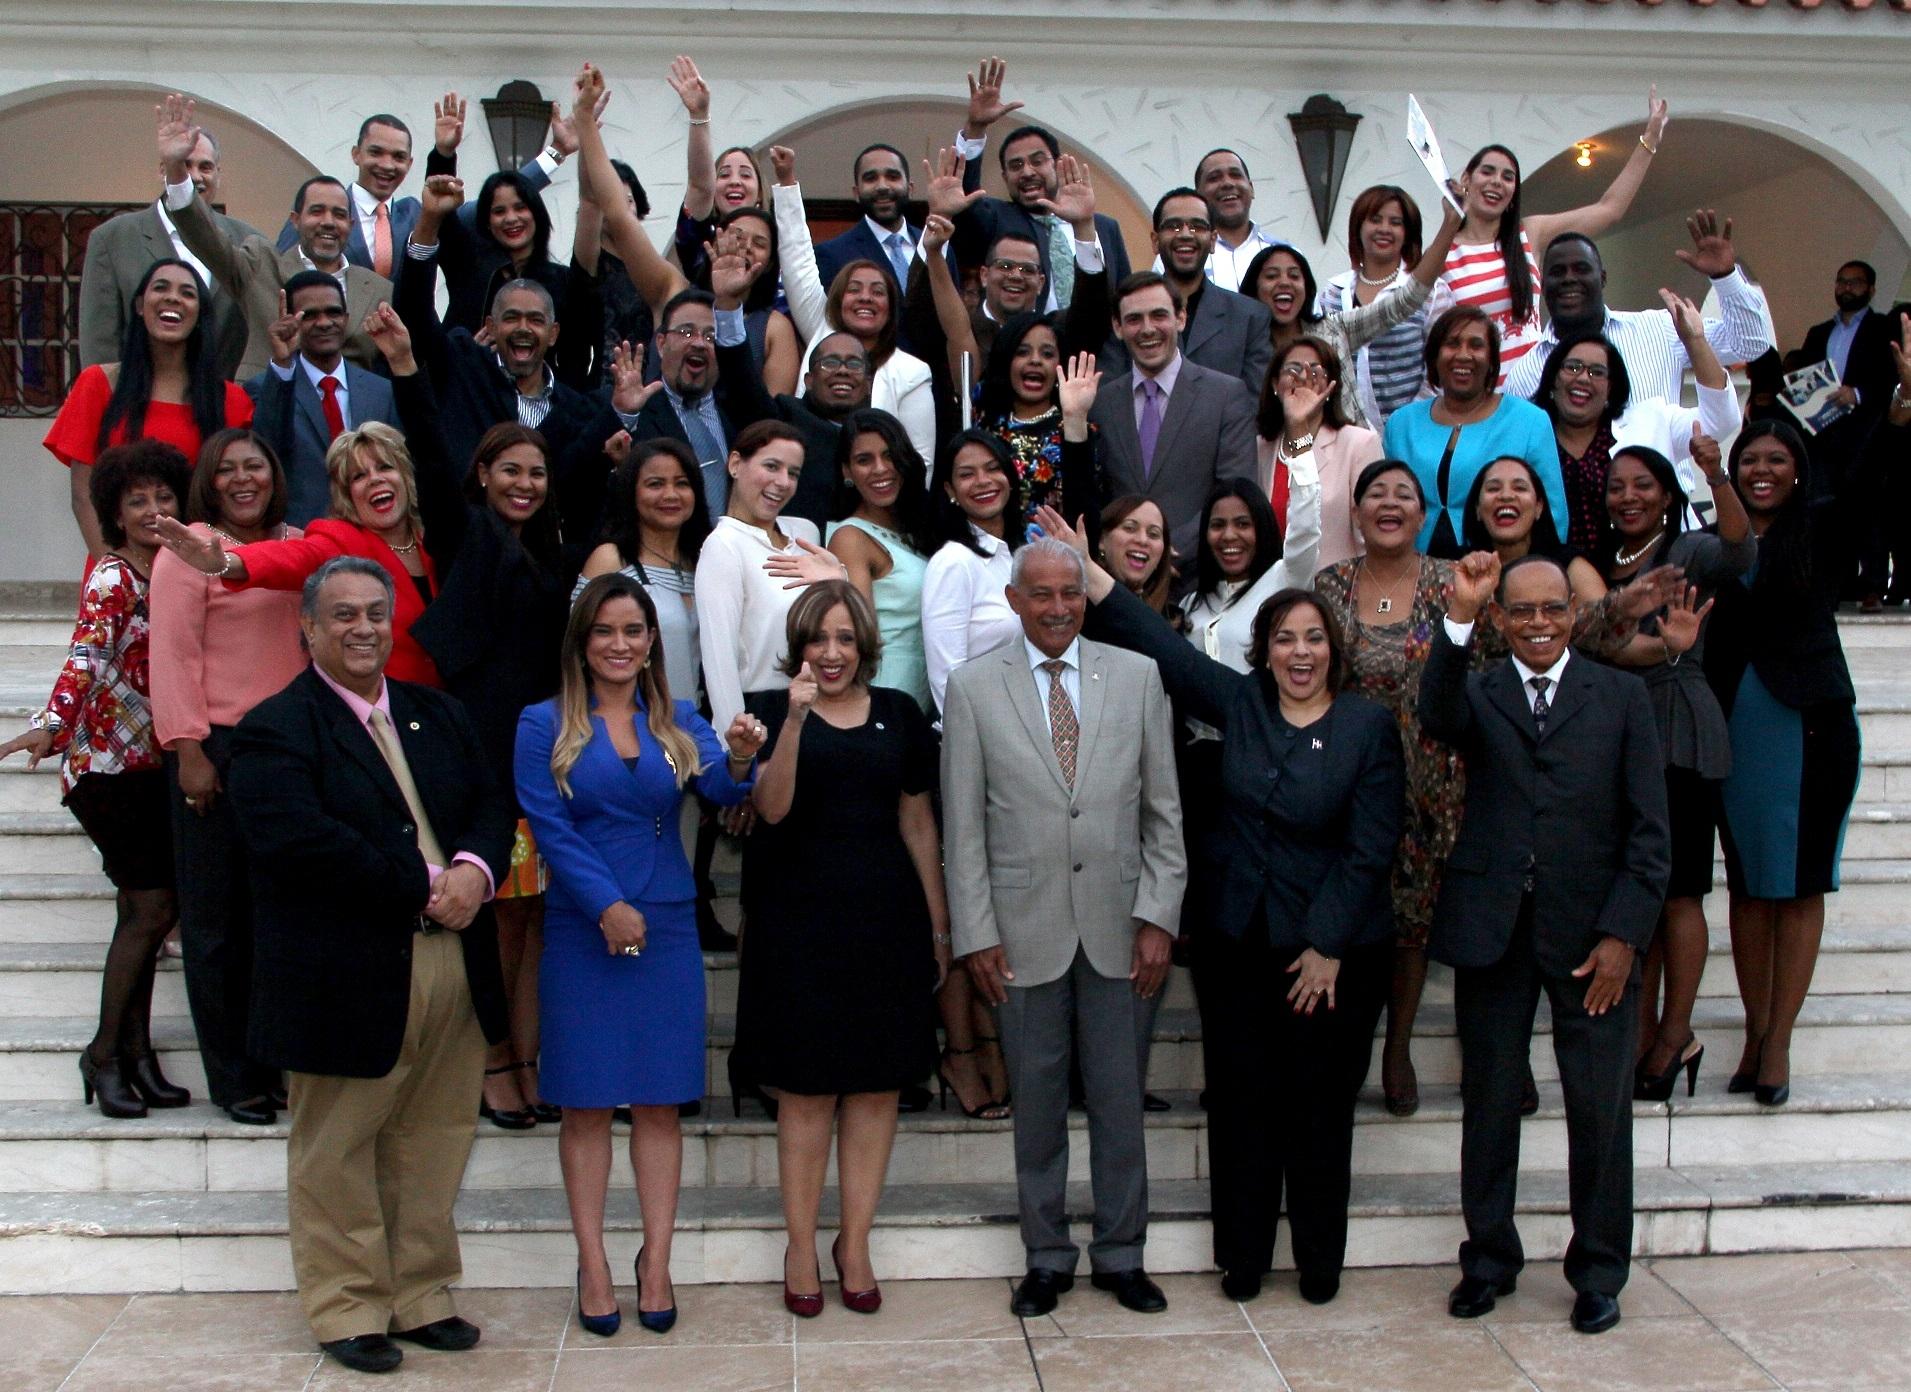 Universidad APEC y Dirección General de Contrataciones Públicas concluyen diplomado en transparencia y buen gobierno